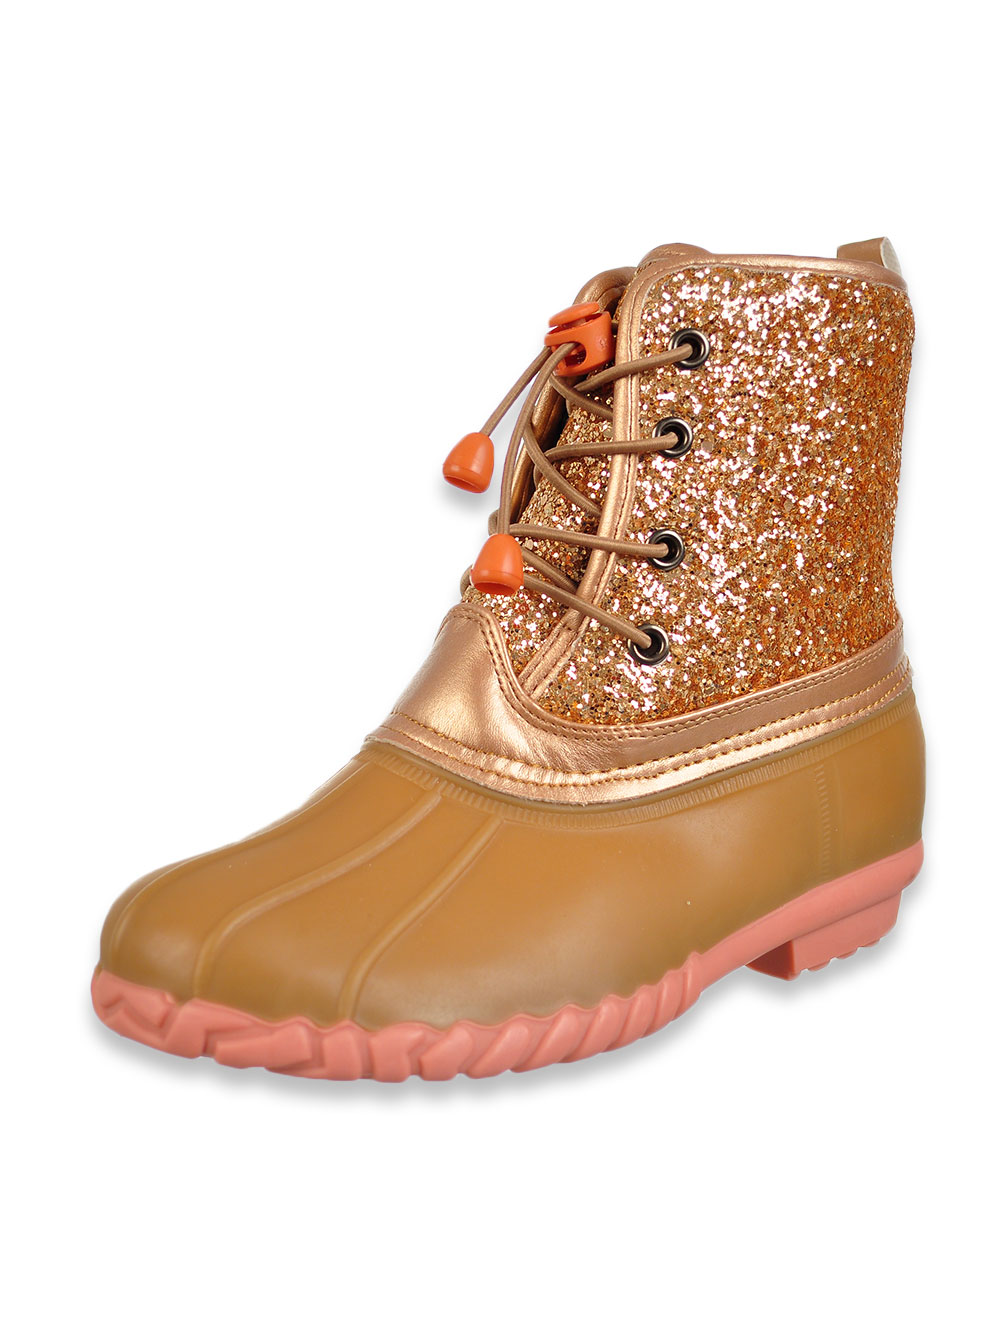 Olivia Miller Girls' Glitter Duck Boots